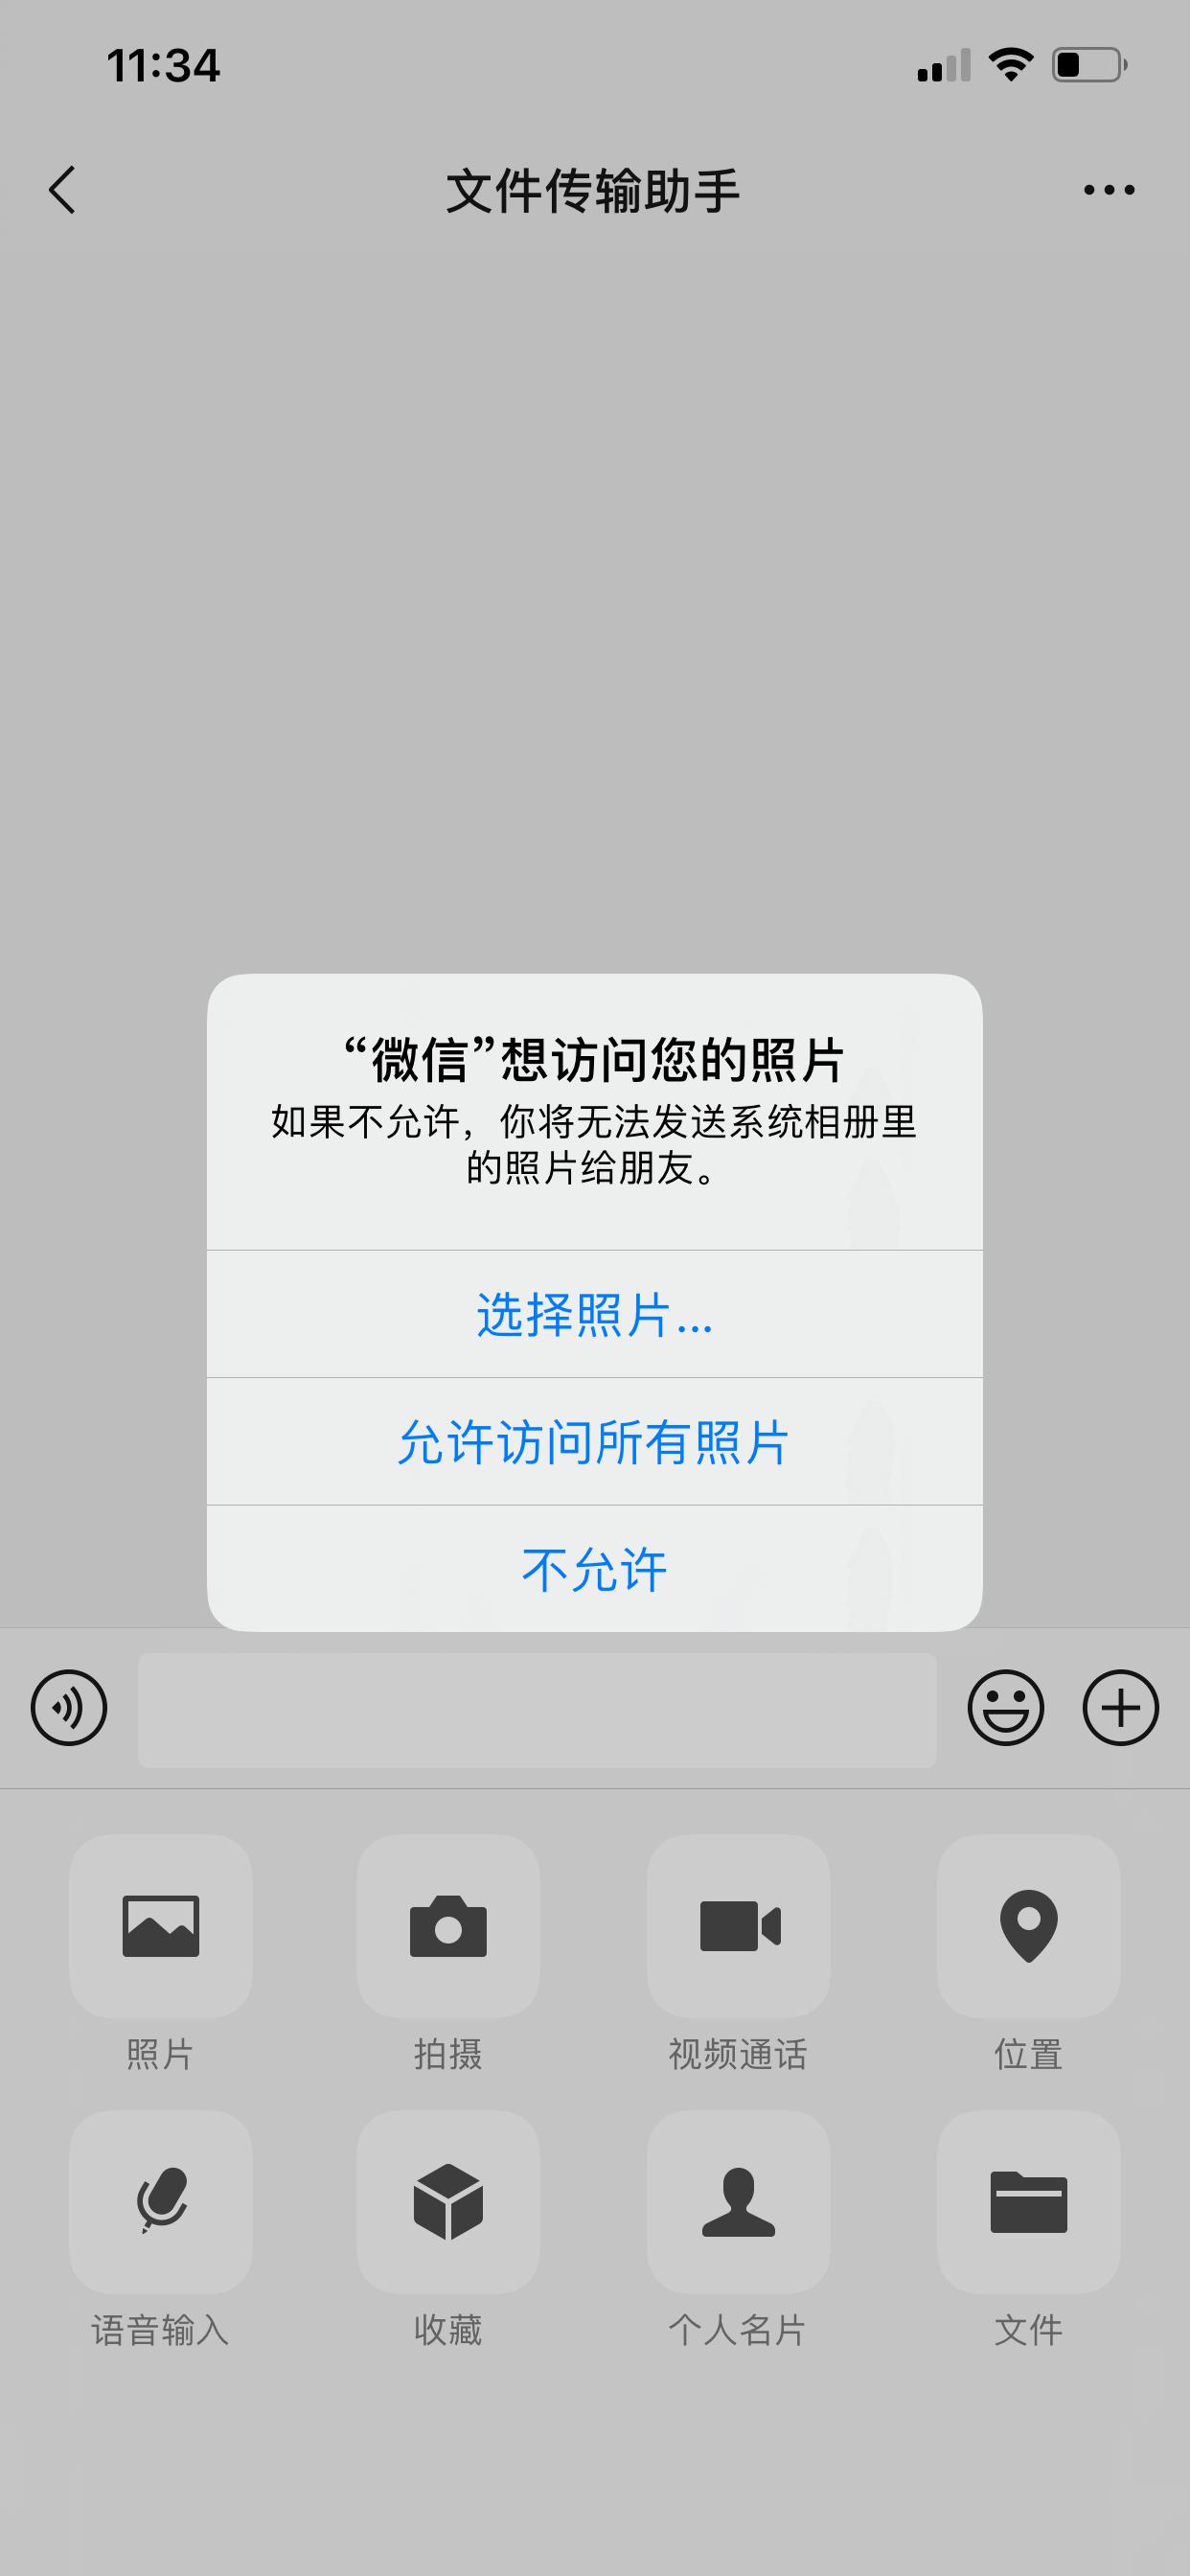 可以限制 App 只能访问指定的照片